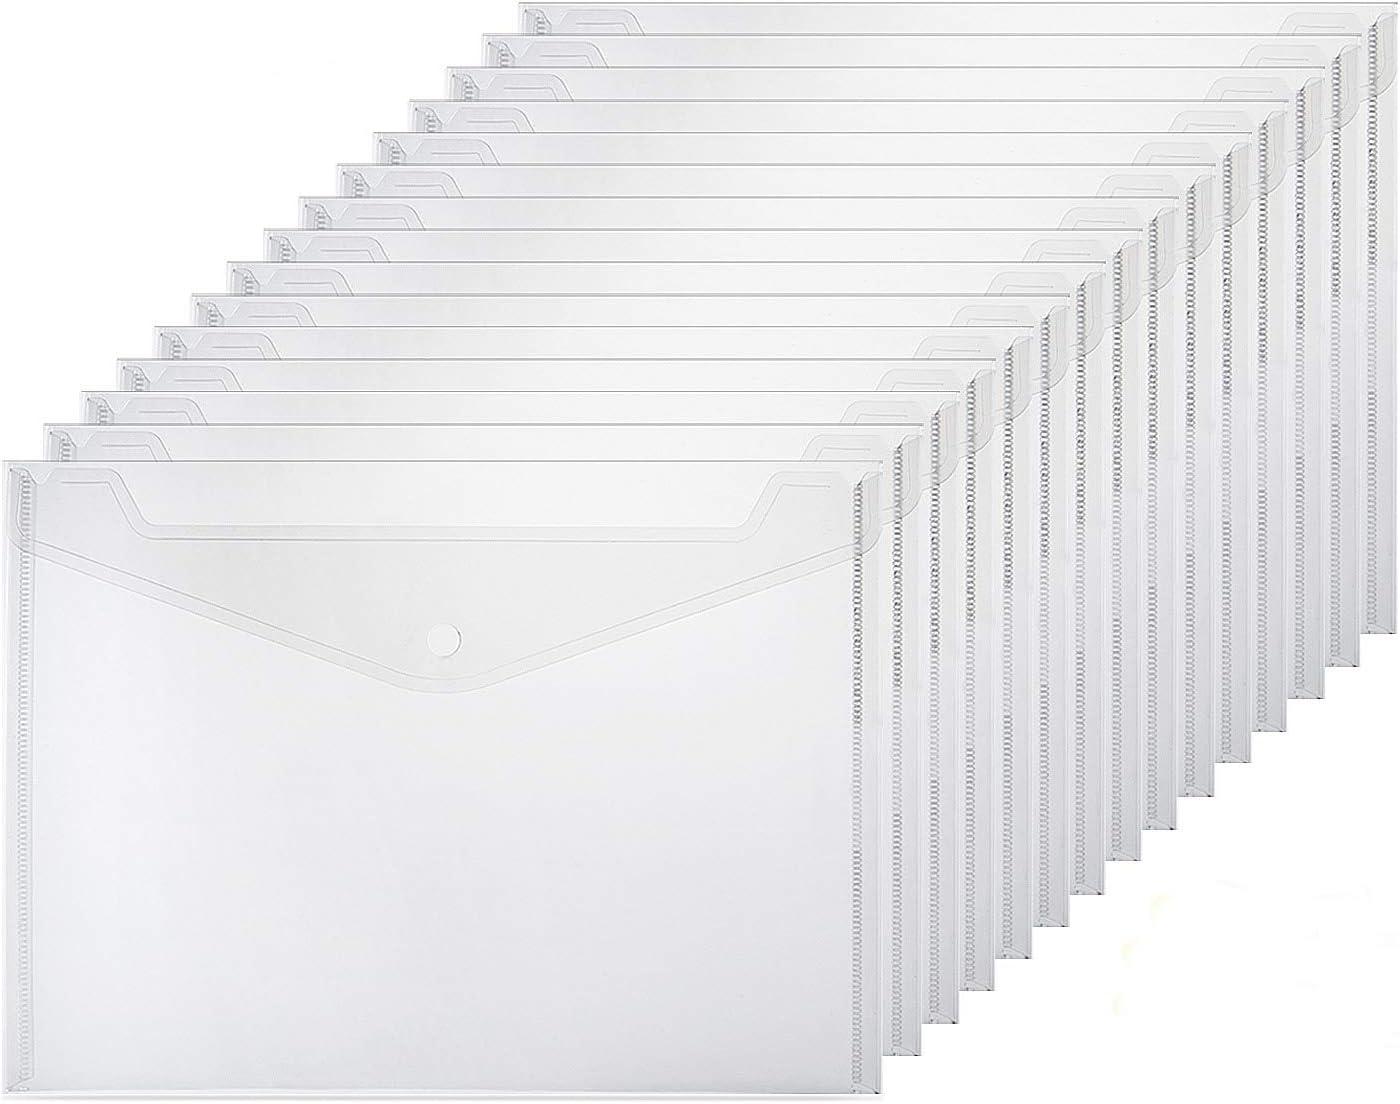 ZWOOS 20 Unidades Carpeta A4 Transparente, Carpetas Plástico A4 Carpetas para Archivo, Diseño con Botones